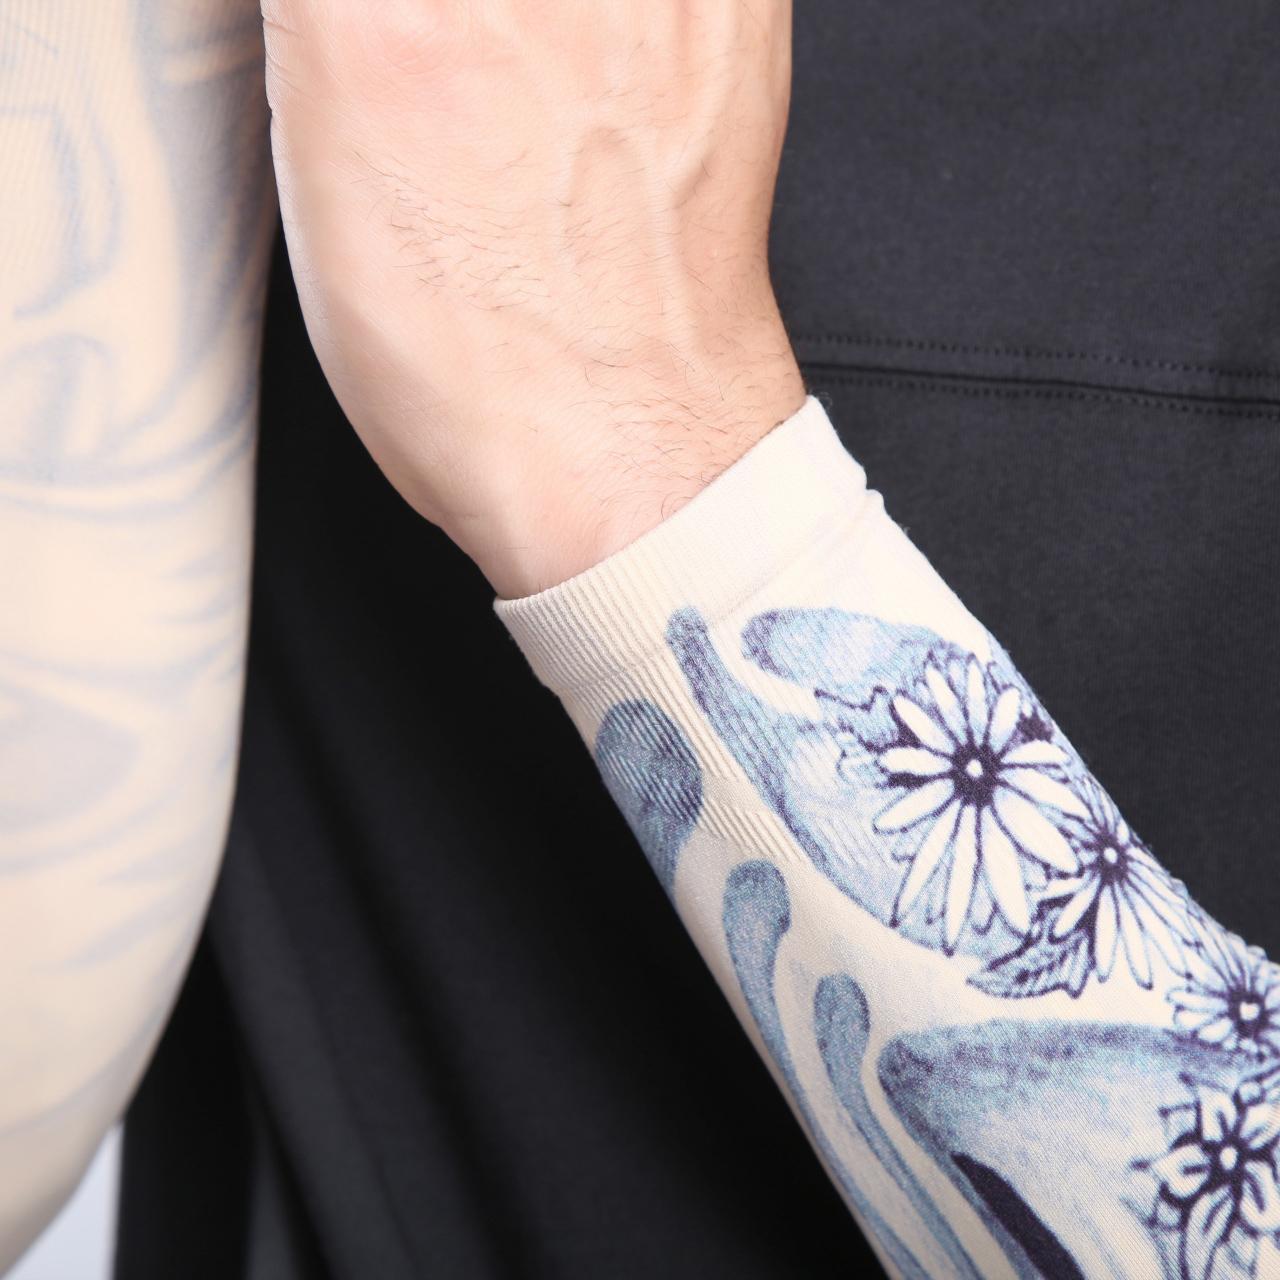 行装备户外防晒冰爽袖男女护臂开车手臂套骑冰丝无缝花臂袖套纹身限时秒杀